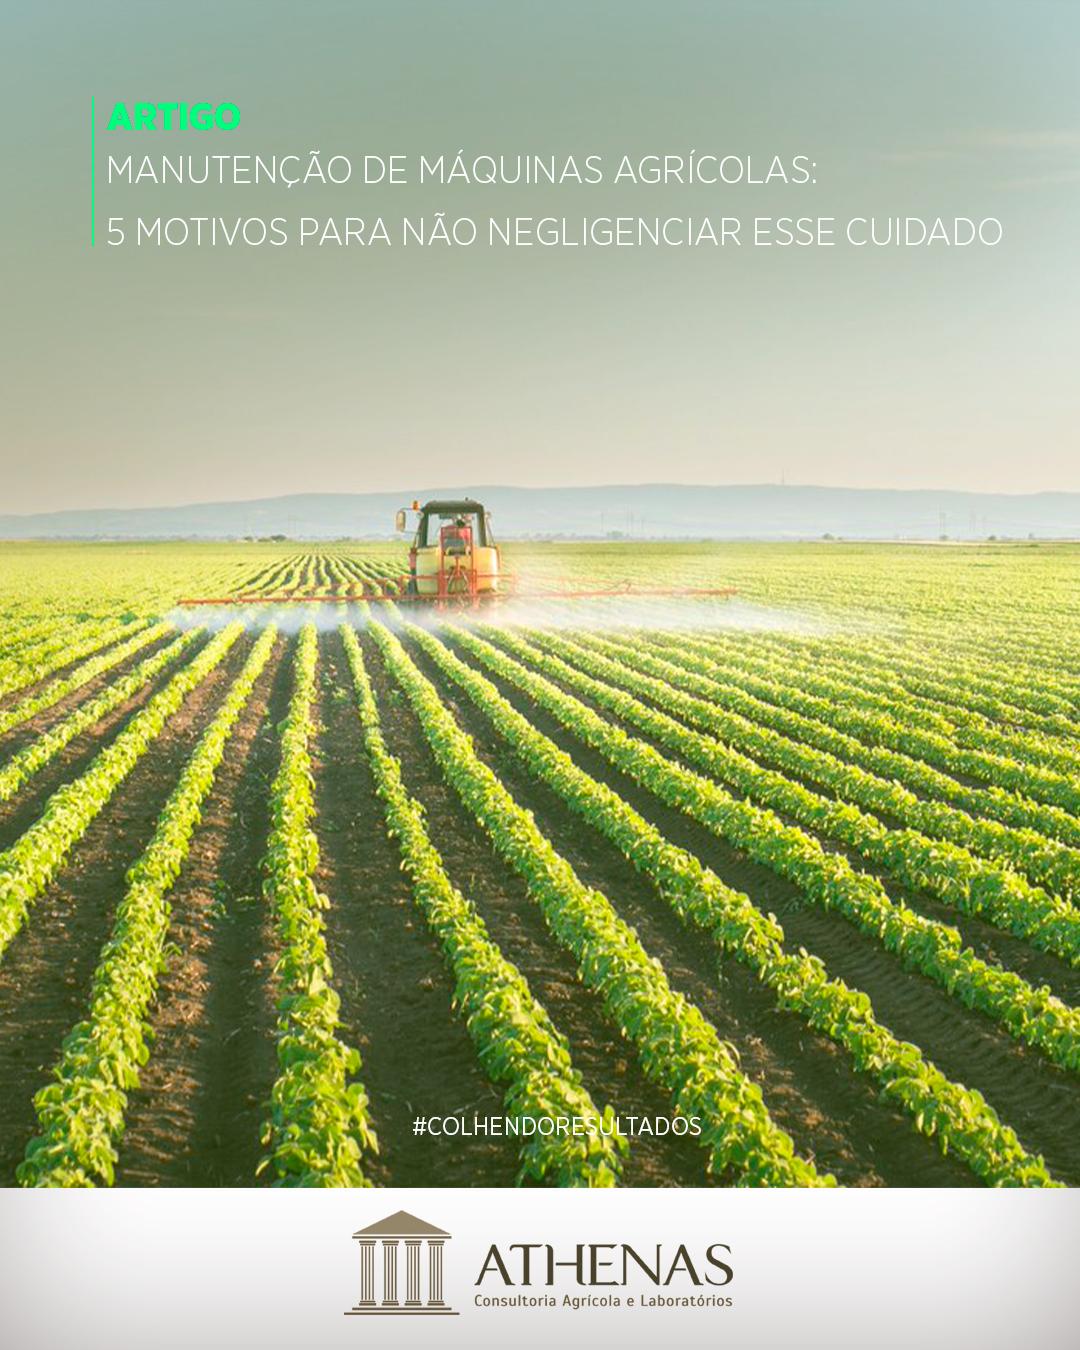 Manutenção de Máquinas Agrícolas: 5 motivos para não negligenciar esse cuidado